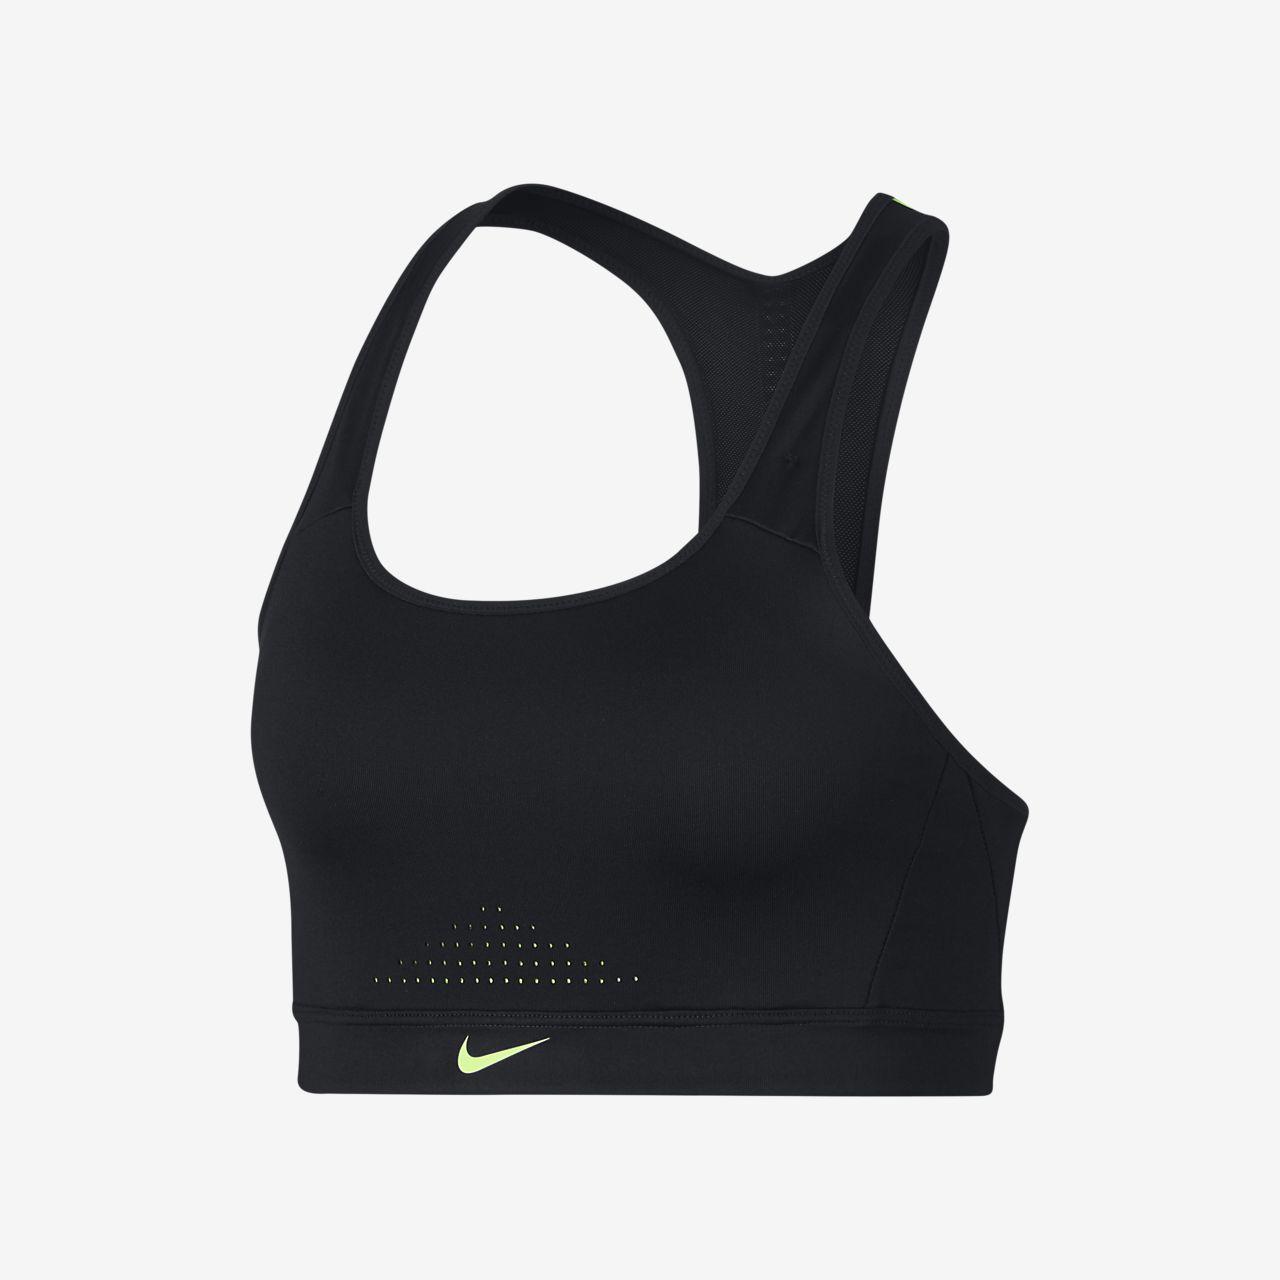 Sport-BH med mycket stöd Nike Impact för kvinnor